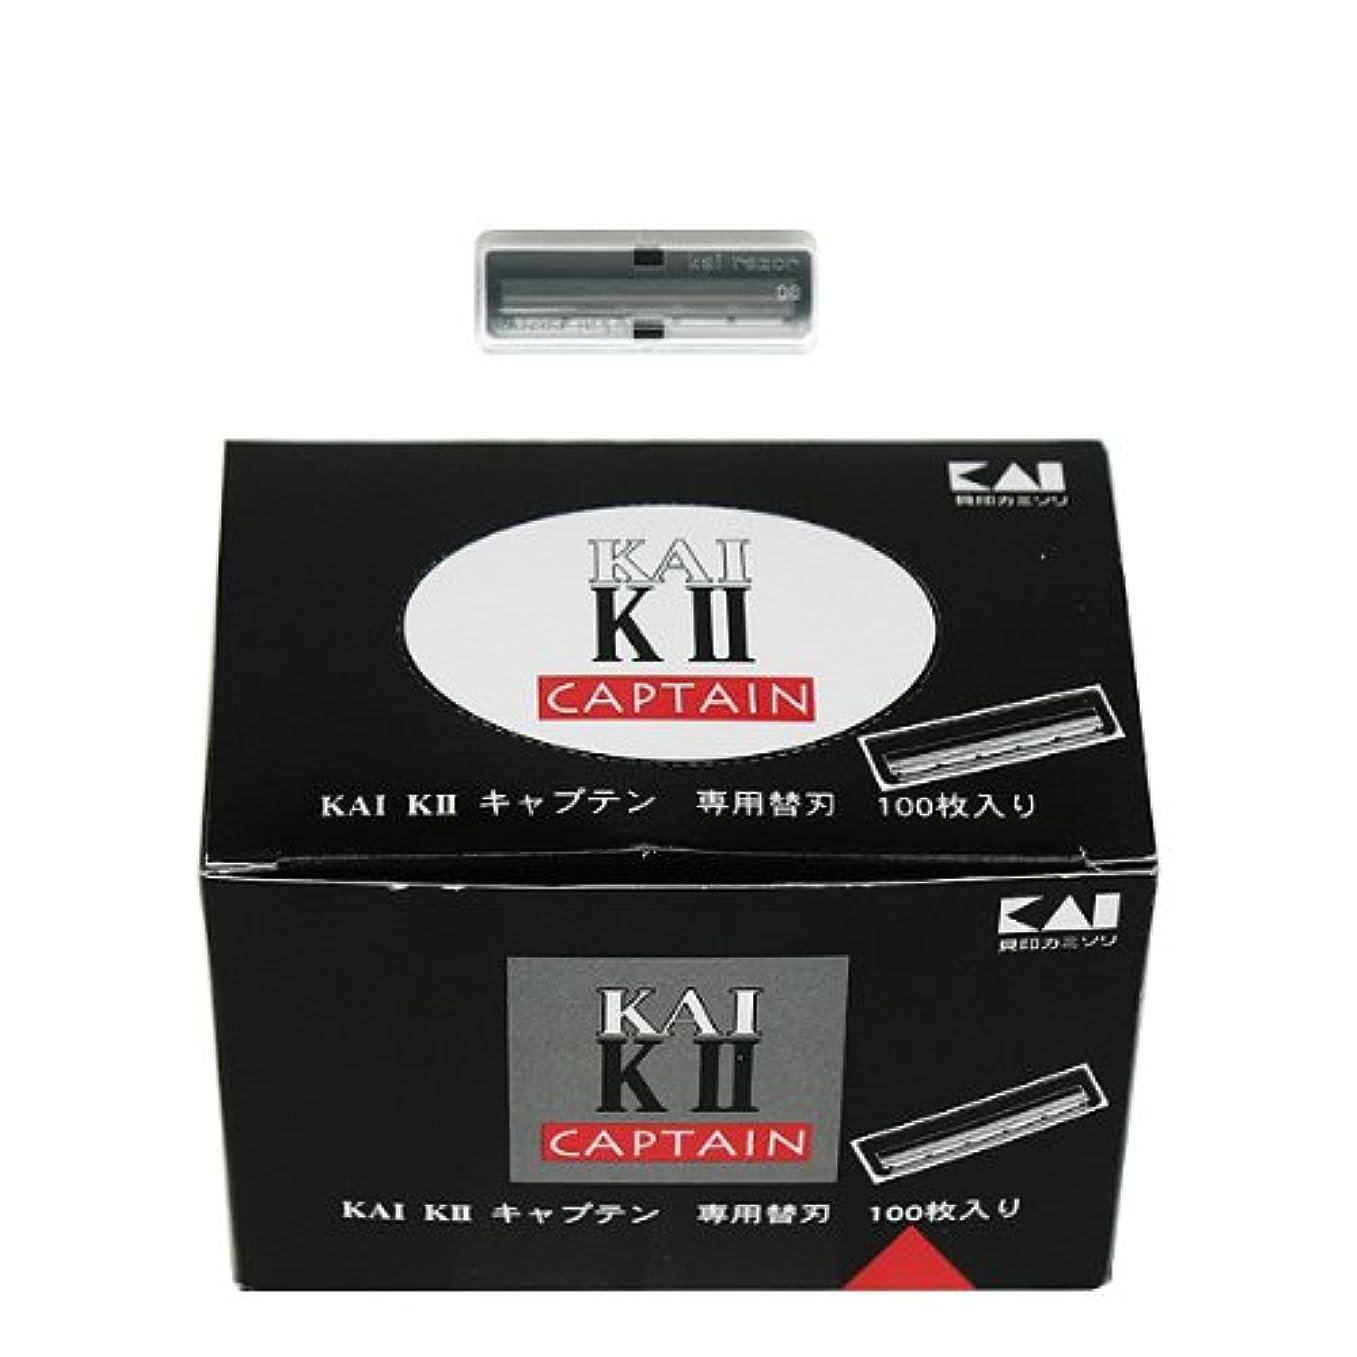 十一コンパニオンアドバイス貝印カミソリ KAI K2キャプテン 専用替刃 BーCAP 100枚入